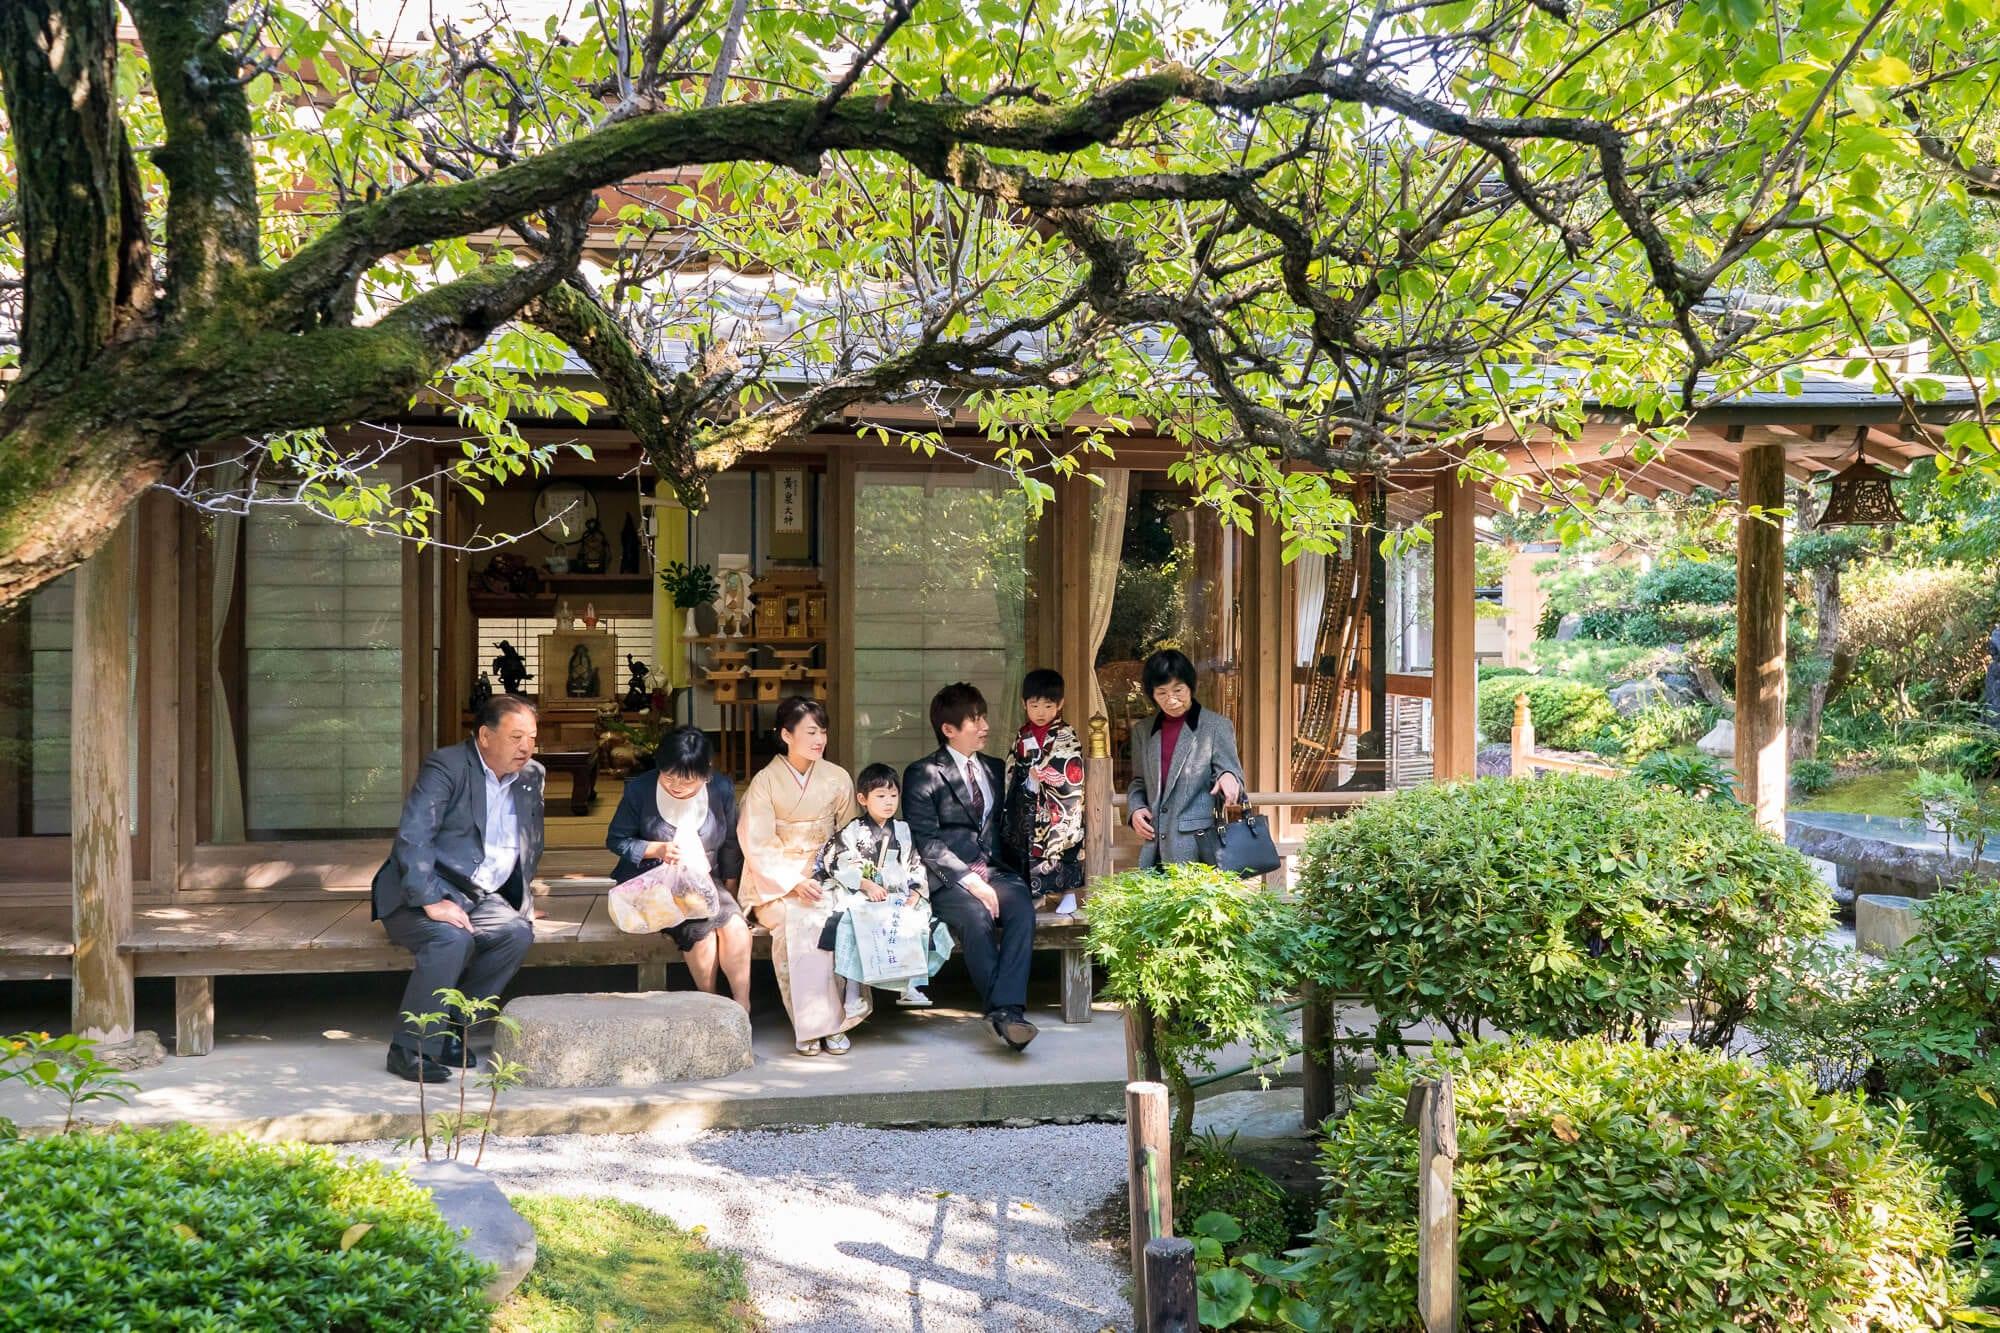 飯盛神社 黒田家所縁の日本庭園